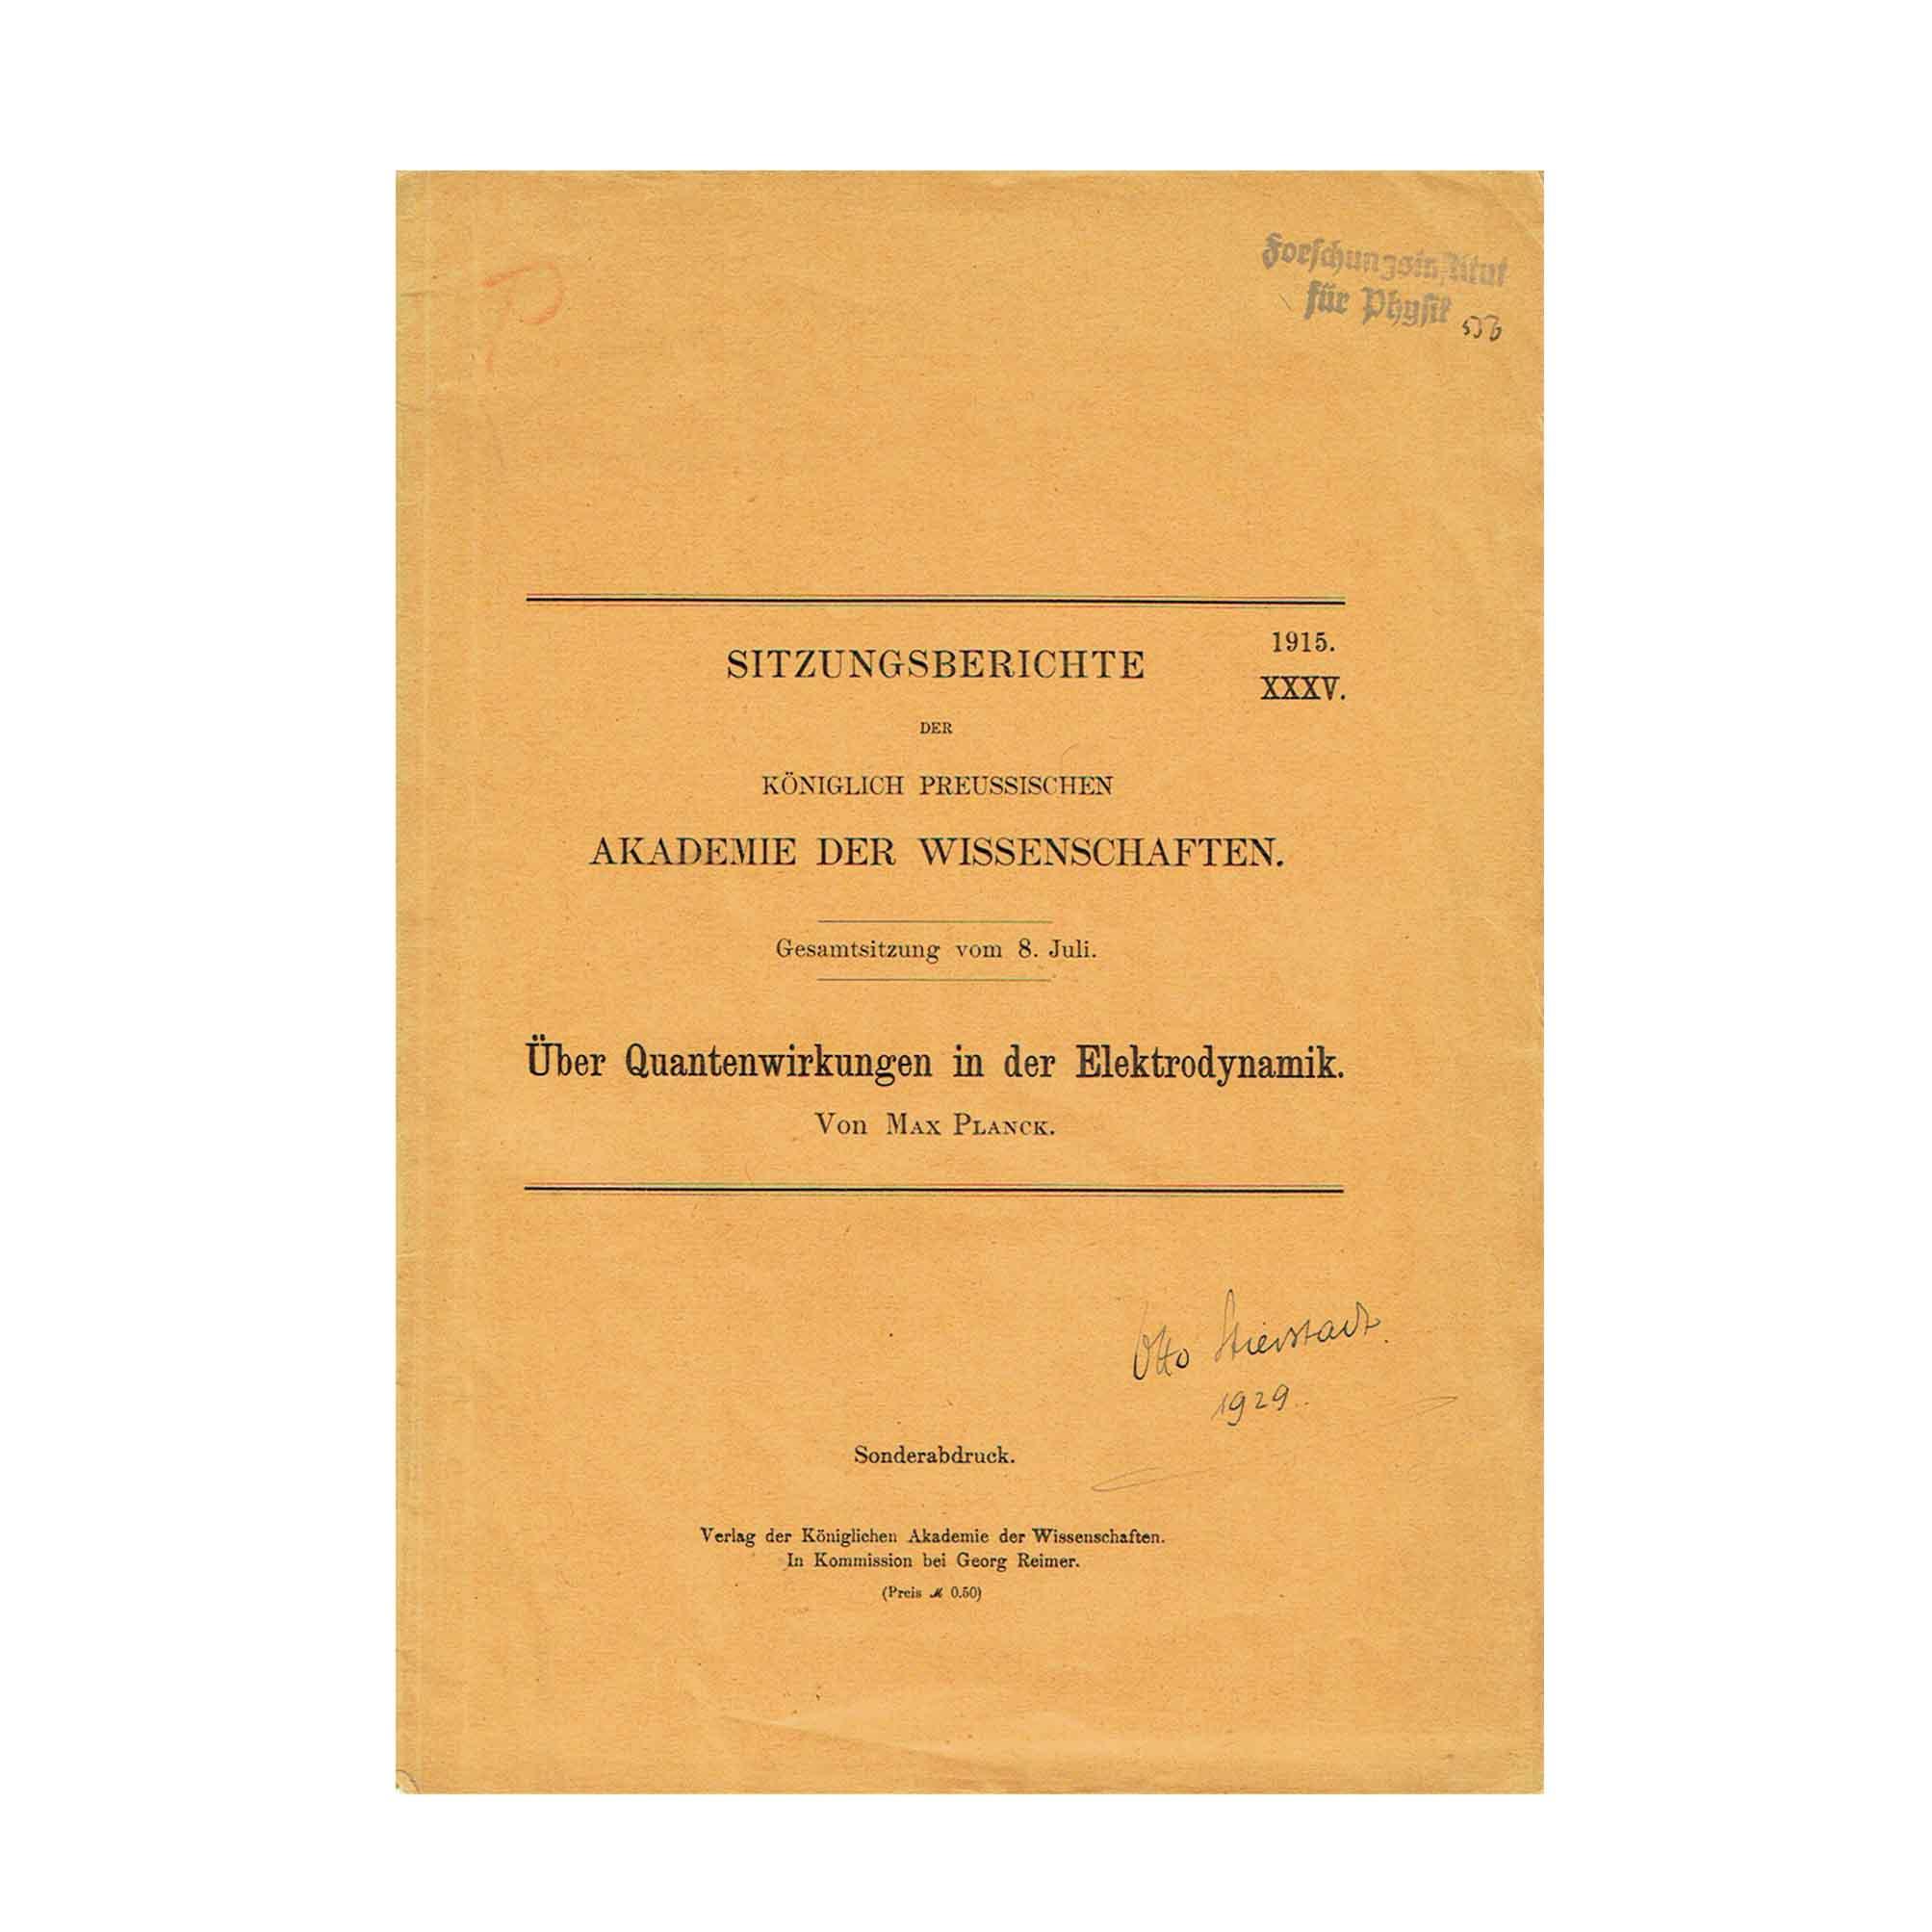 5990-Planck-Stierstadt-Quantenwirkung-1915-Umschlag-recto-N.jpeg